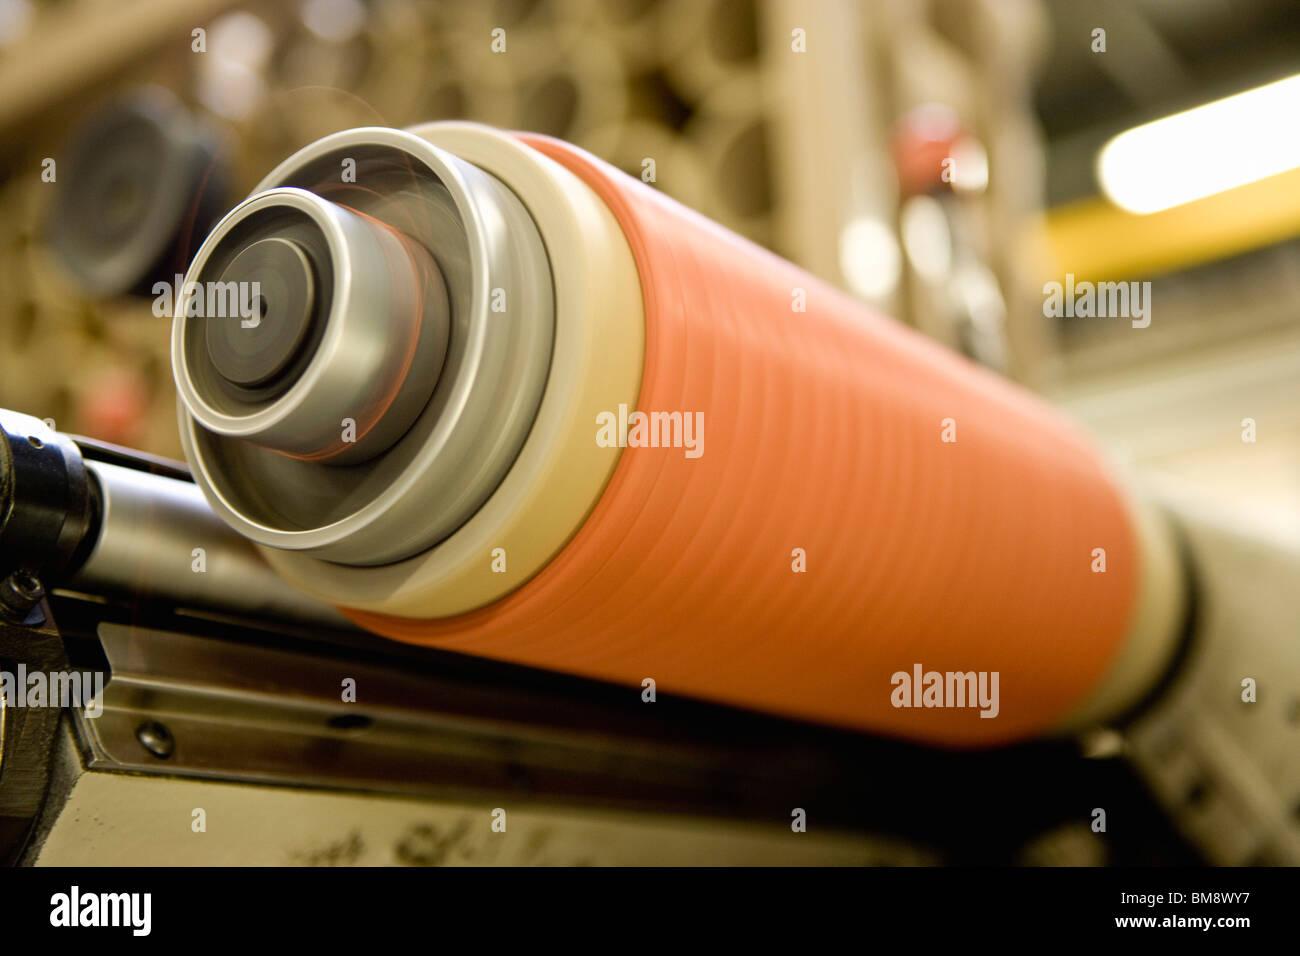 Departamento de fabricação de têxteis compostos recicláveis de fábrica, máquina de Imagens de Stock